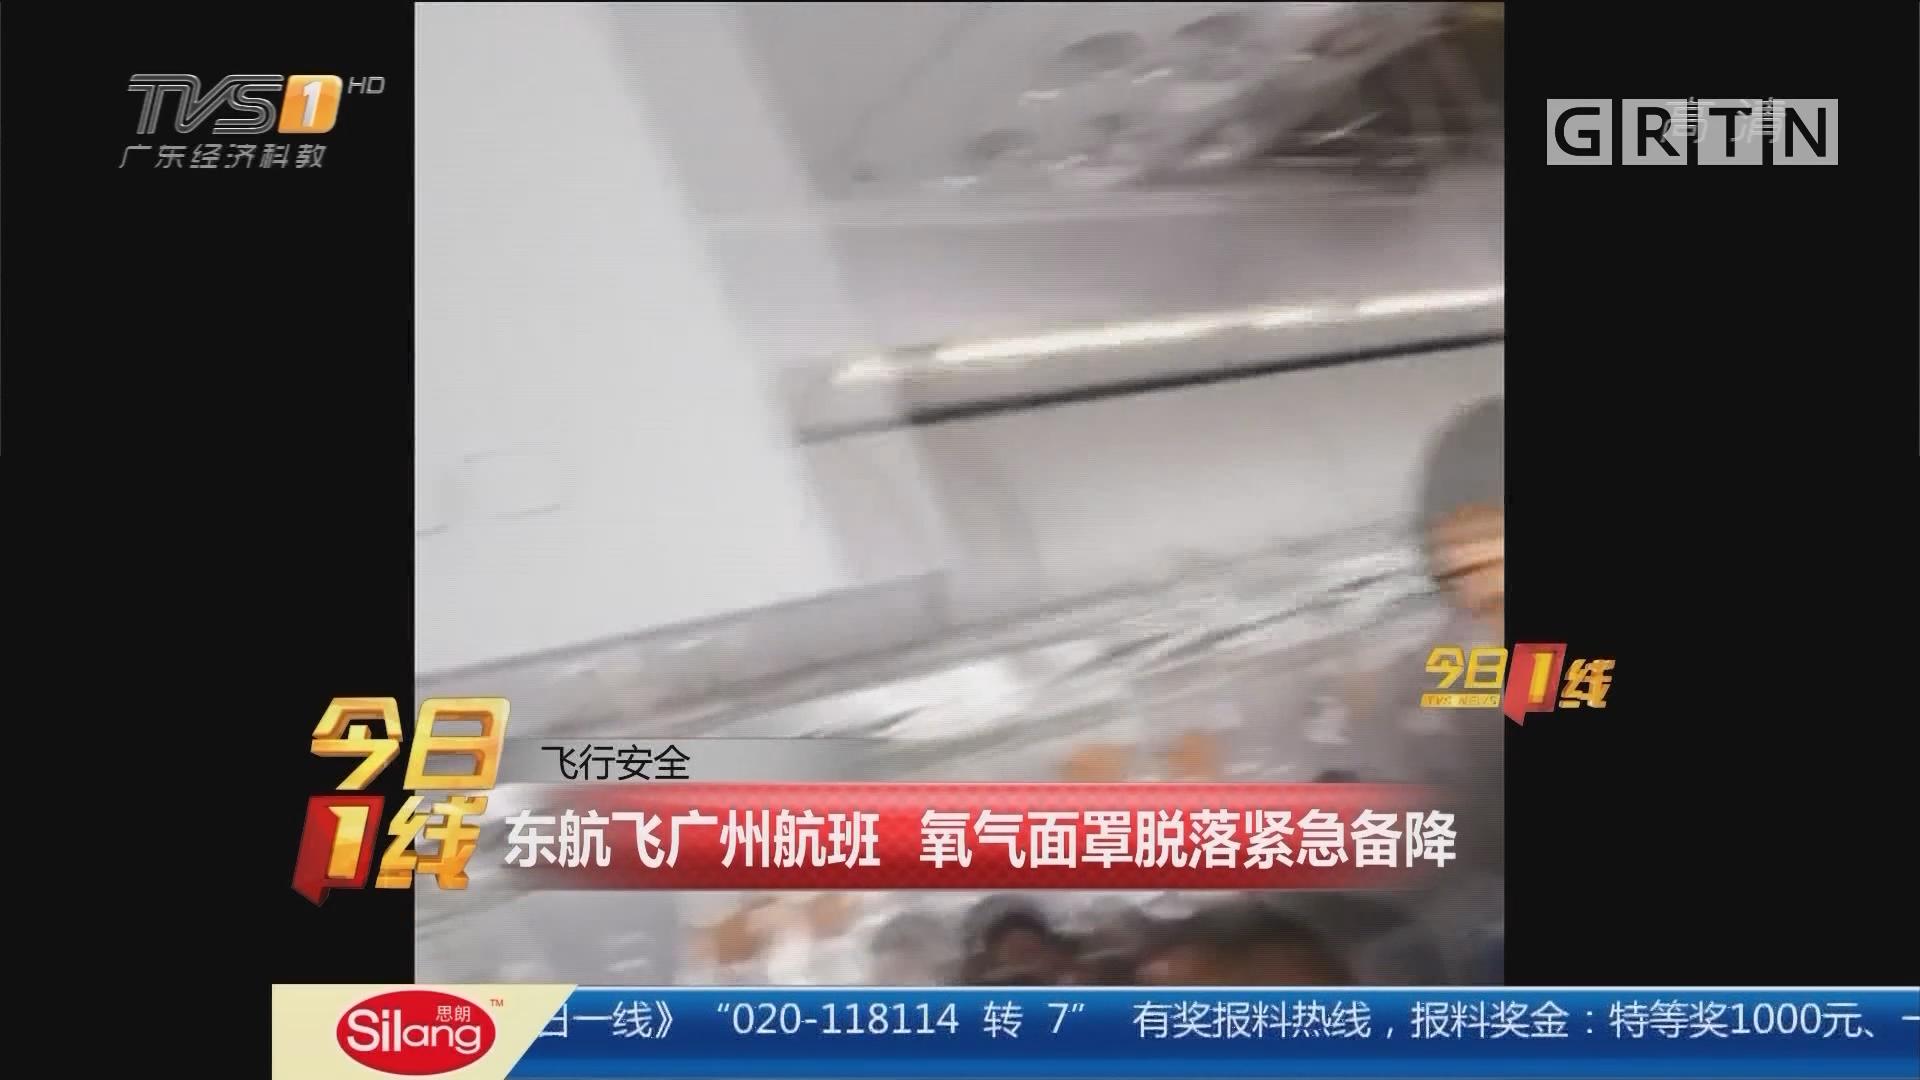 飞行安全:东航飞广州航班 氧气面罩脱落紧急备降